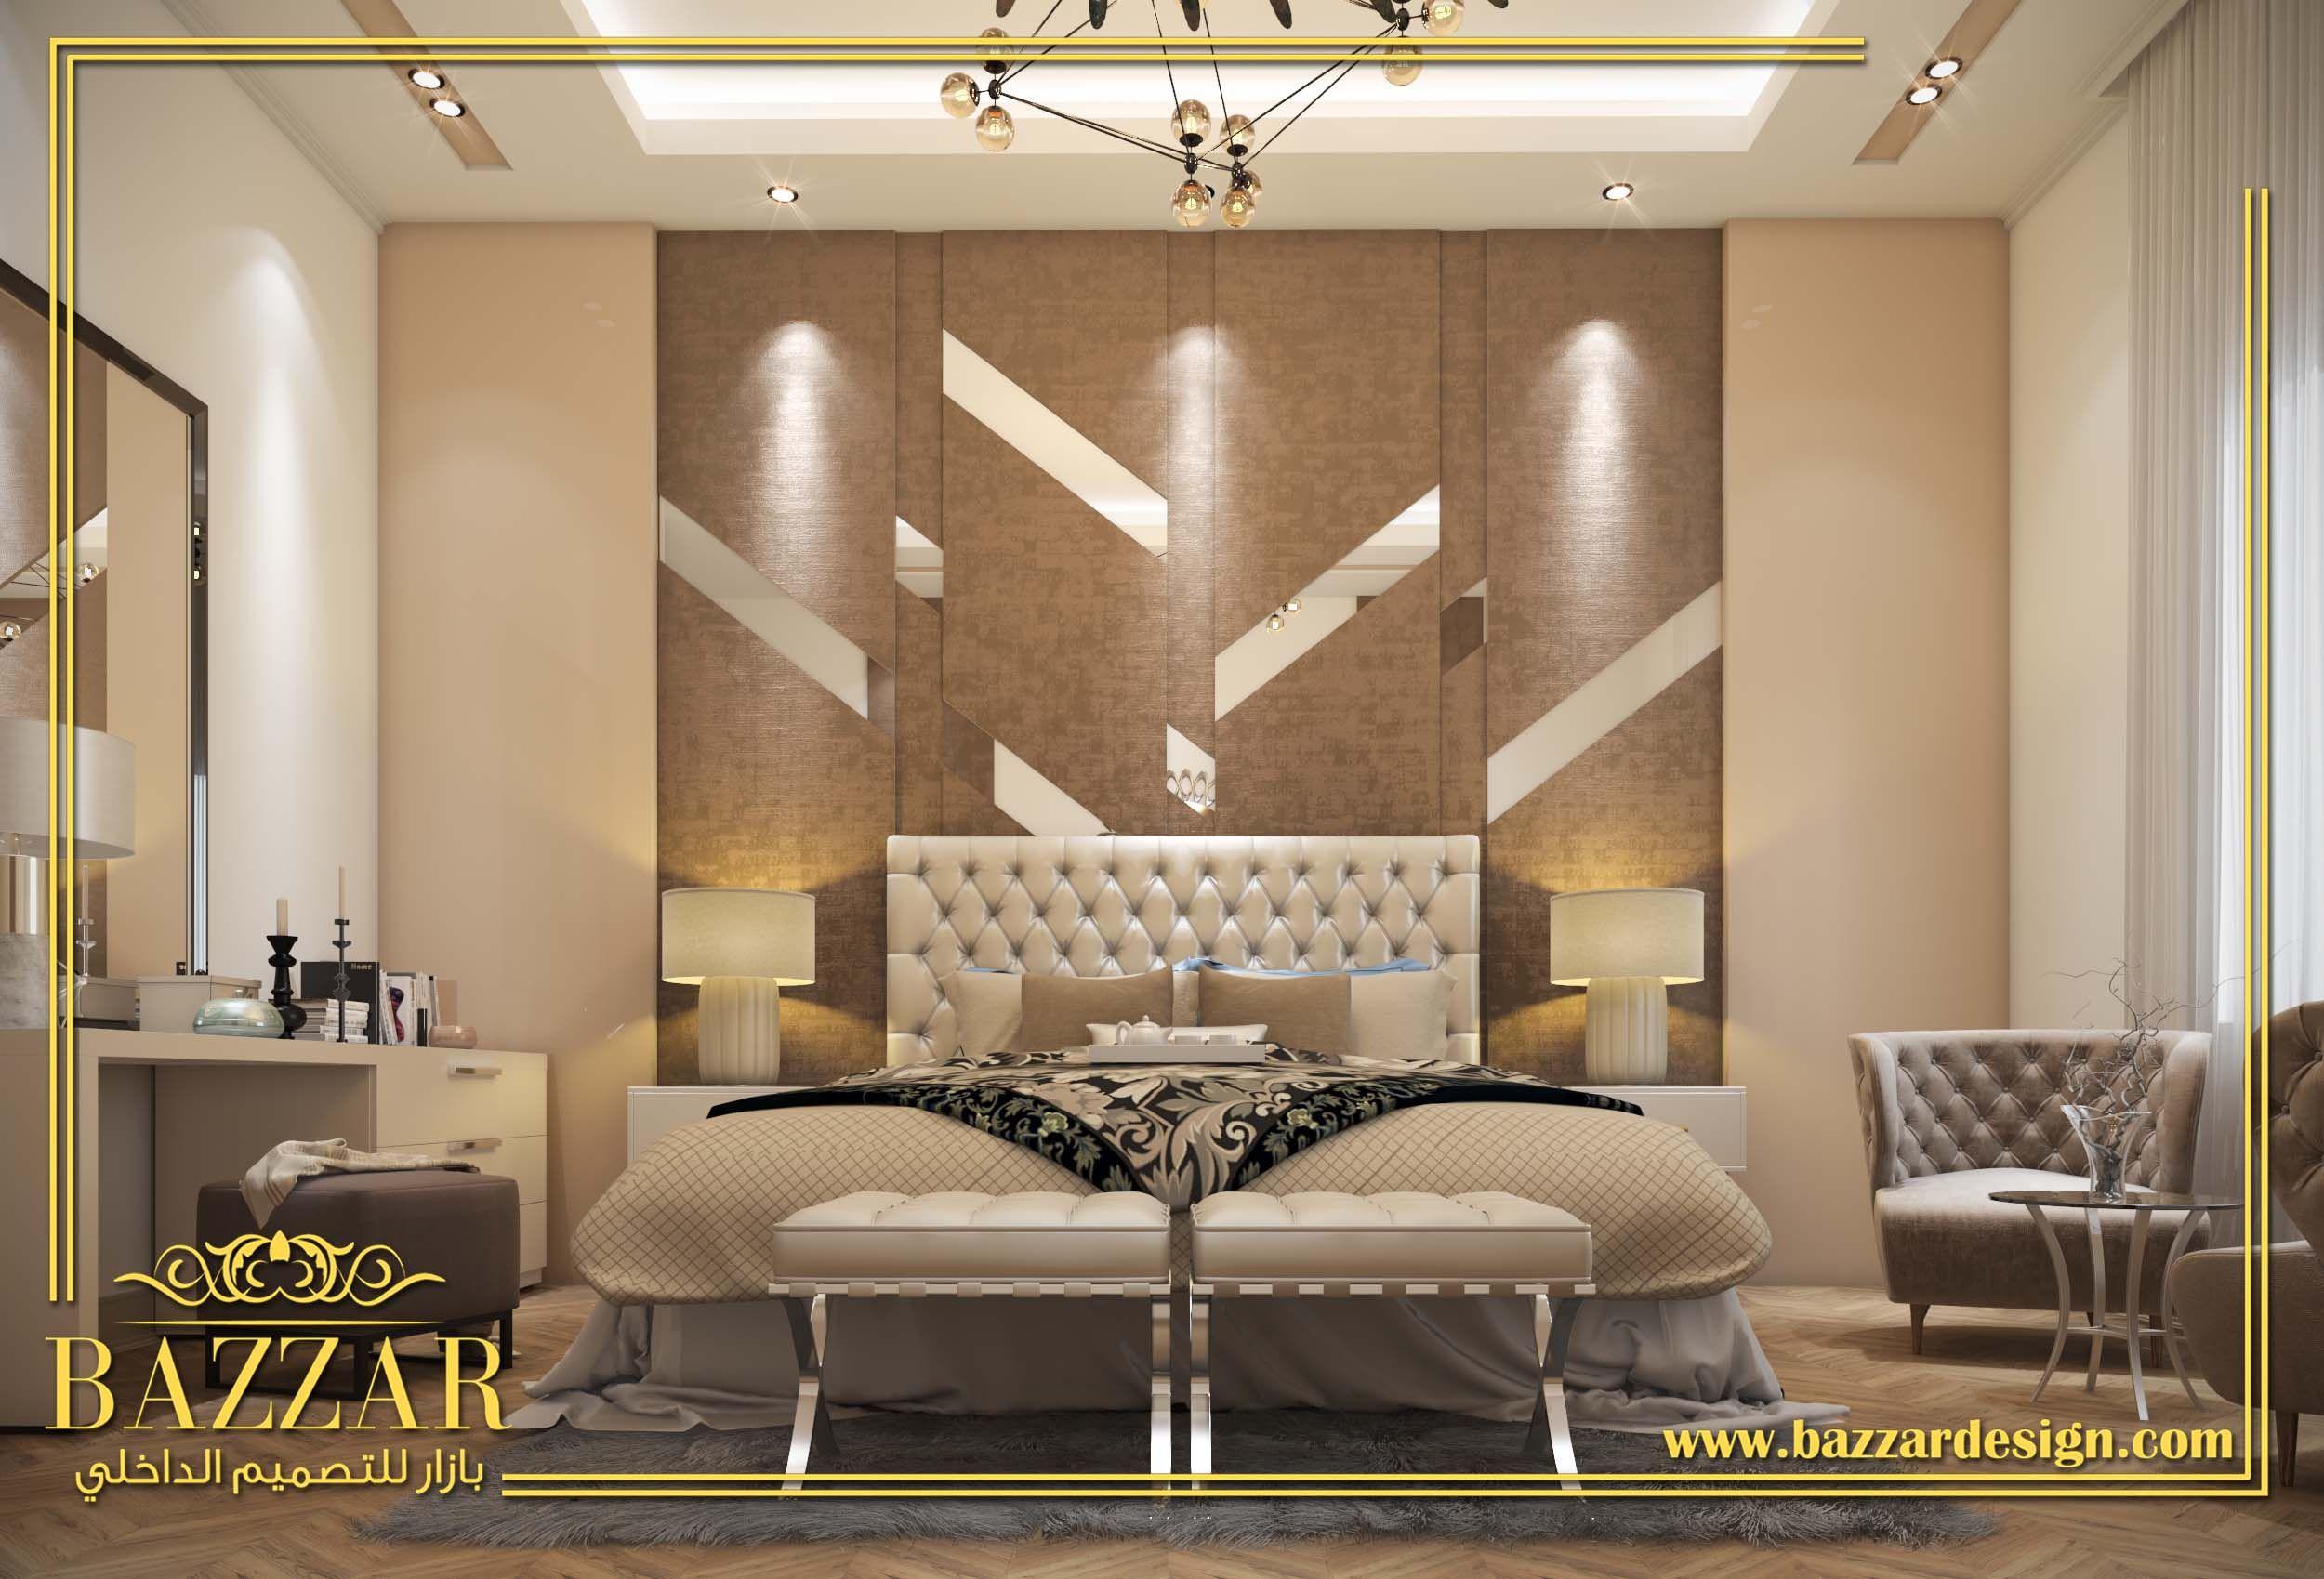 غرفة نوم ماستر نيوكلاسيك بيج وارضيات باركية مع اضاءه هادئه خلف السرير وتصميم سقف عصري Masterbedroom Neo Ca Classic Bedroom Bedroom Inspirations Interior Design